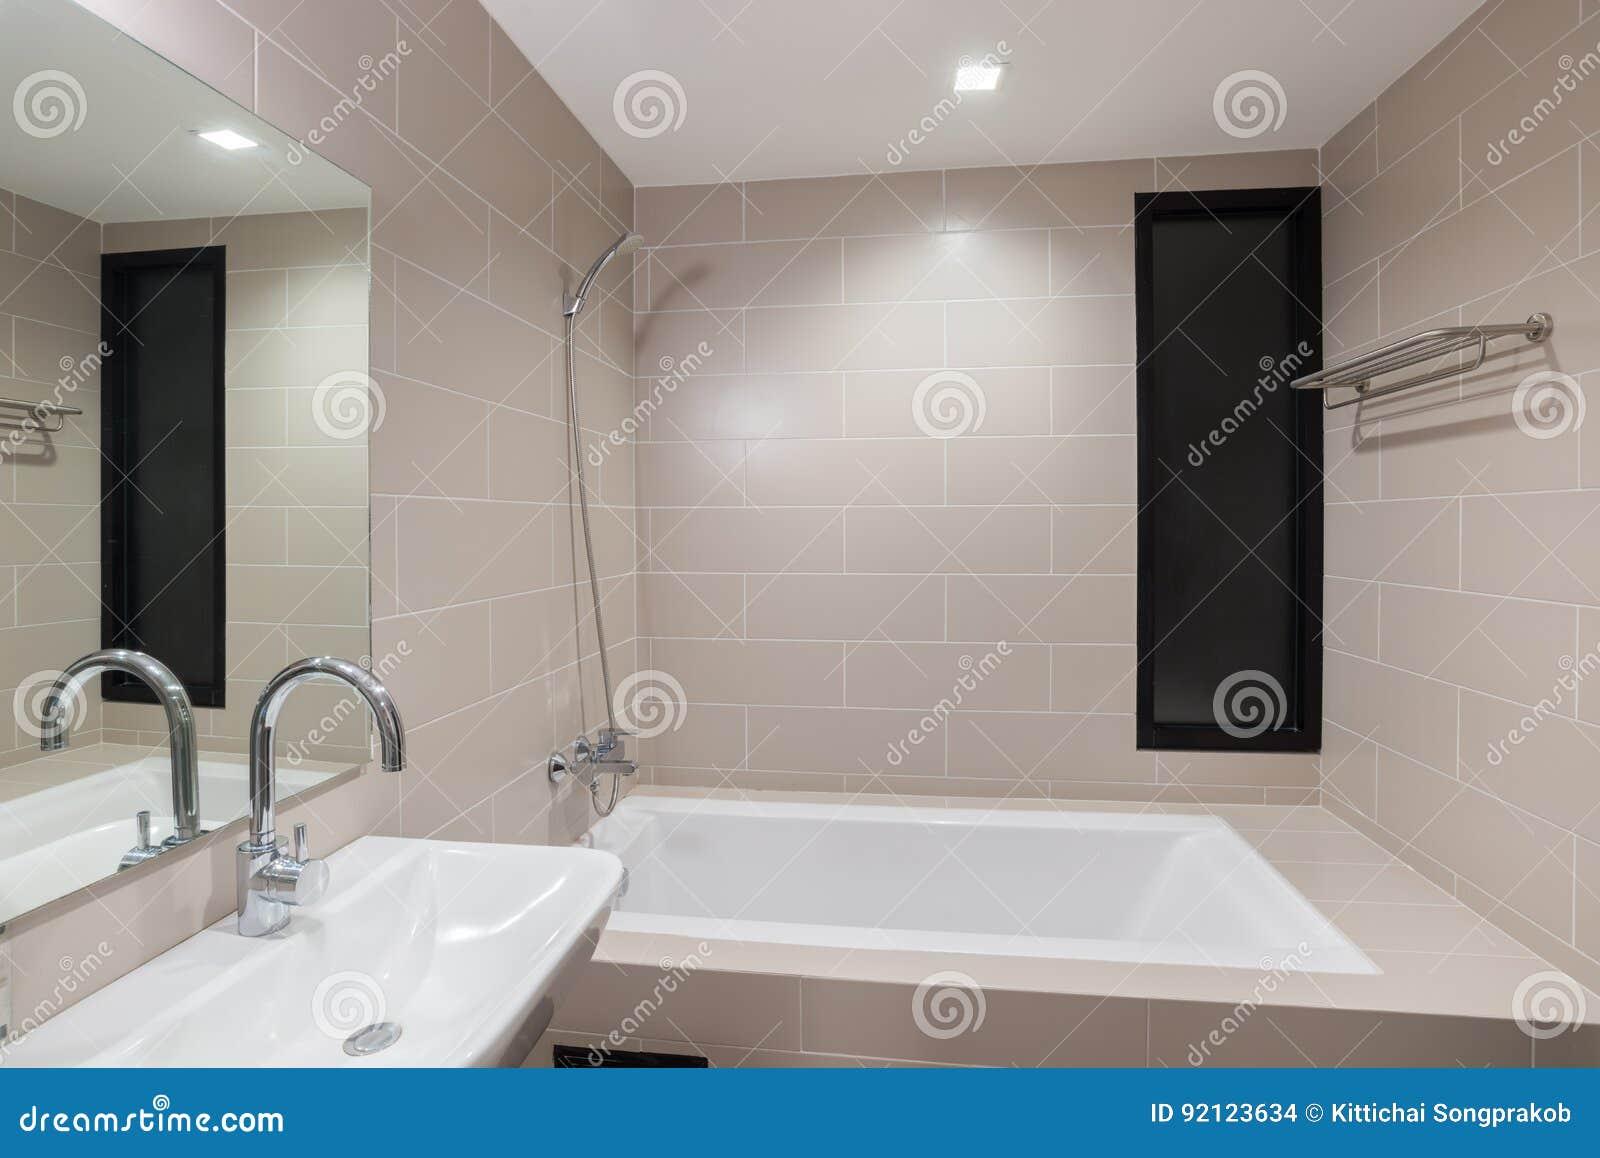 Salle De Bains Moderne Avec Une Douche Et Une Baignoire Photo stock ...